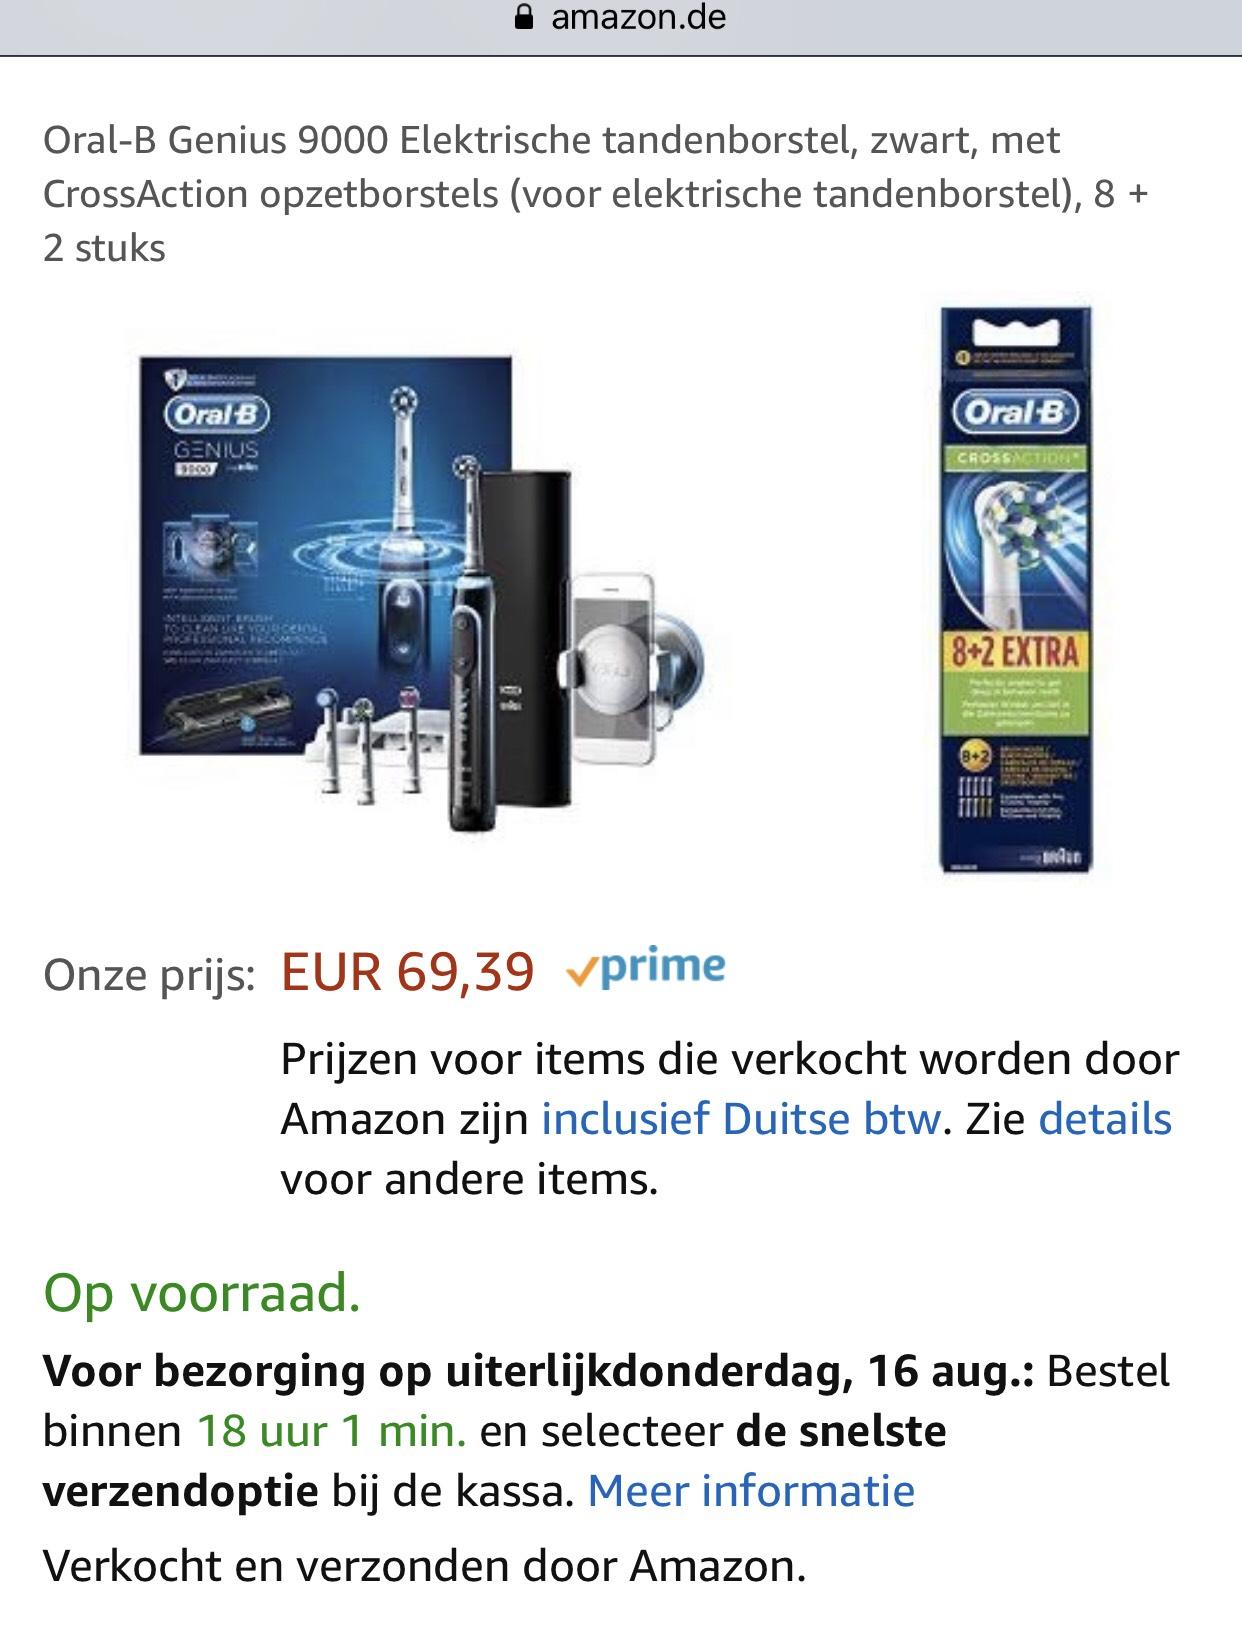 Oral-B Genius 9000 Elektrische tandenborstel, zwart, met CrossAction opzetborstels (voor elektrische tandenborstel), 8 + 2 stuks